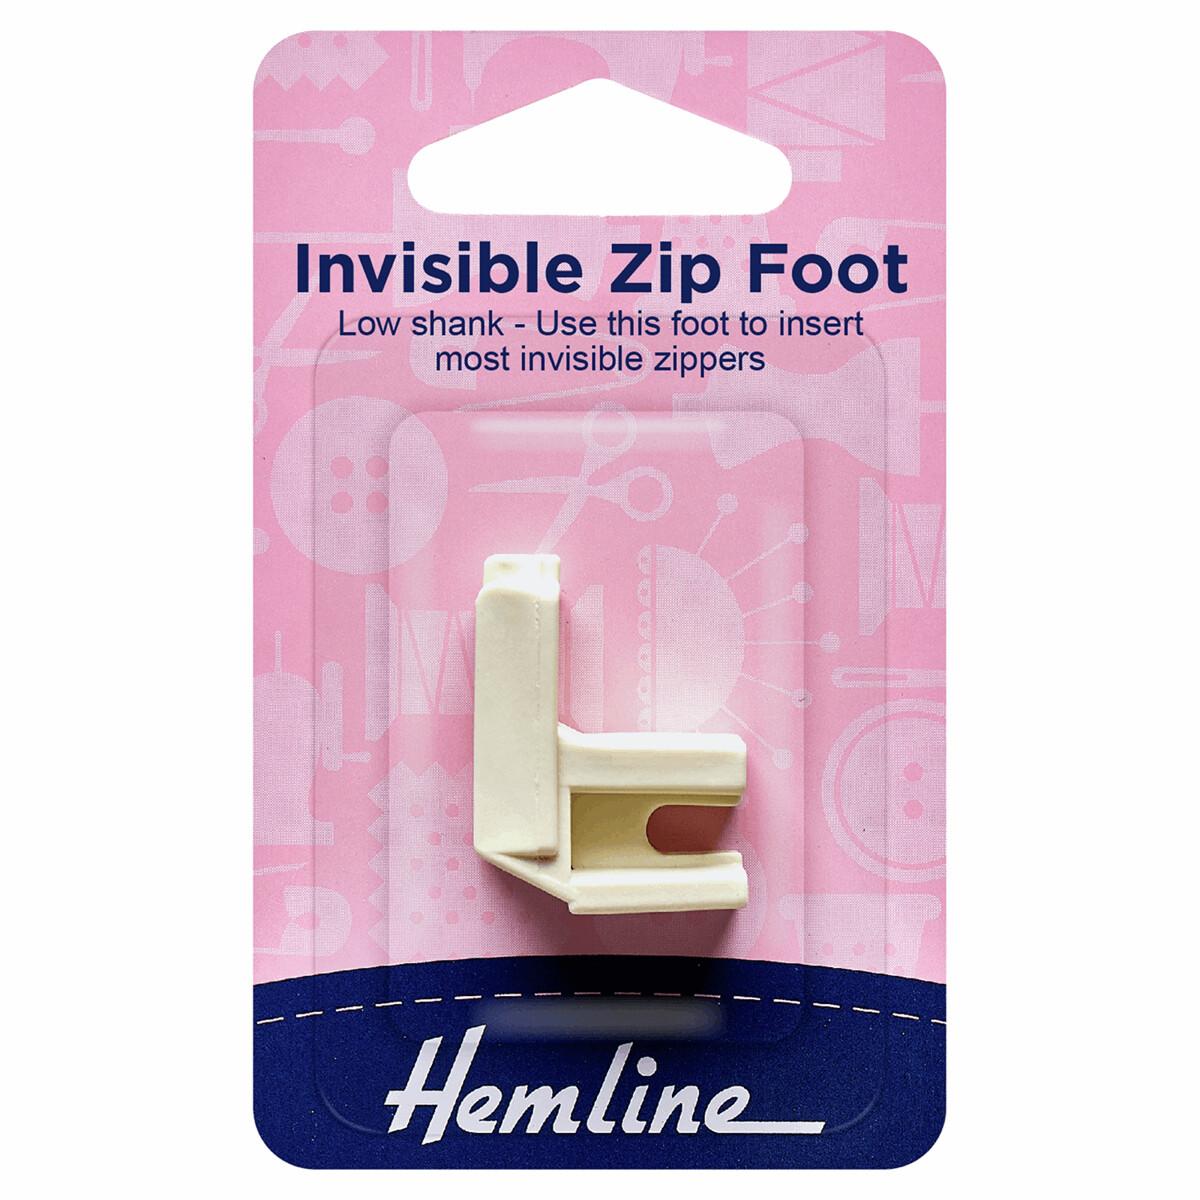 Zipper Foot - Invisible